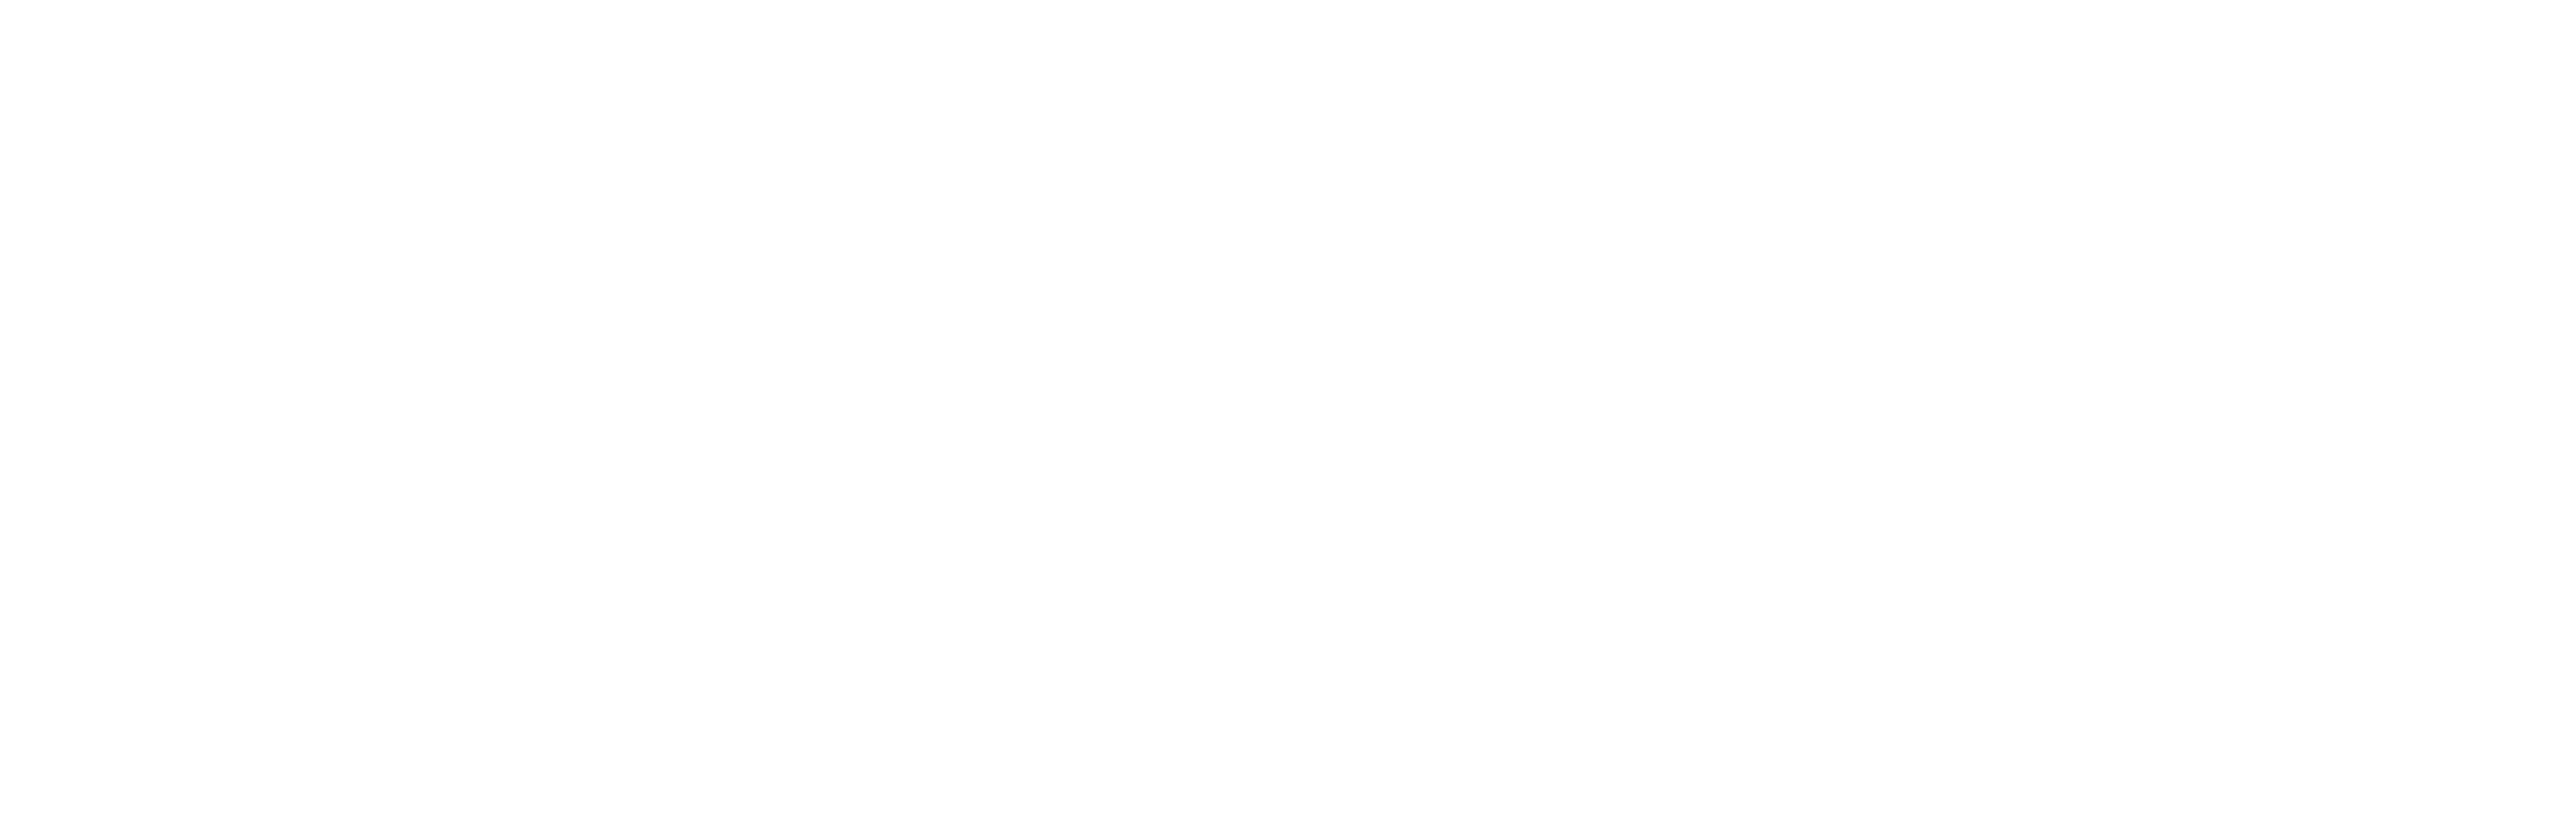 hardwokbanner